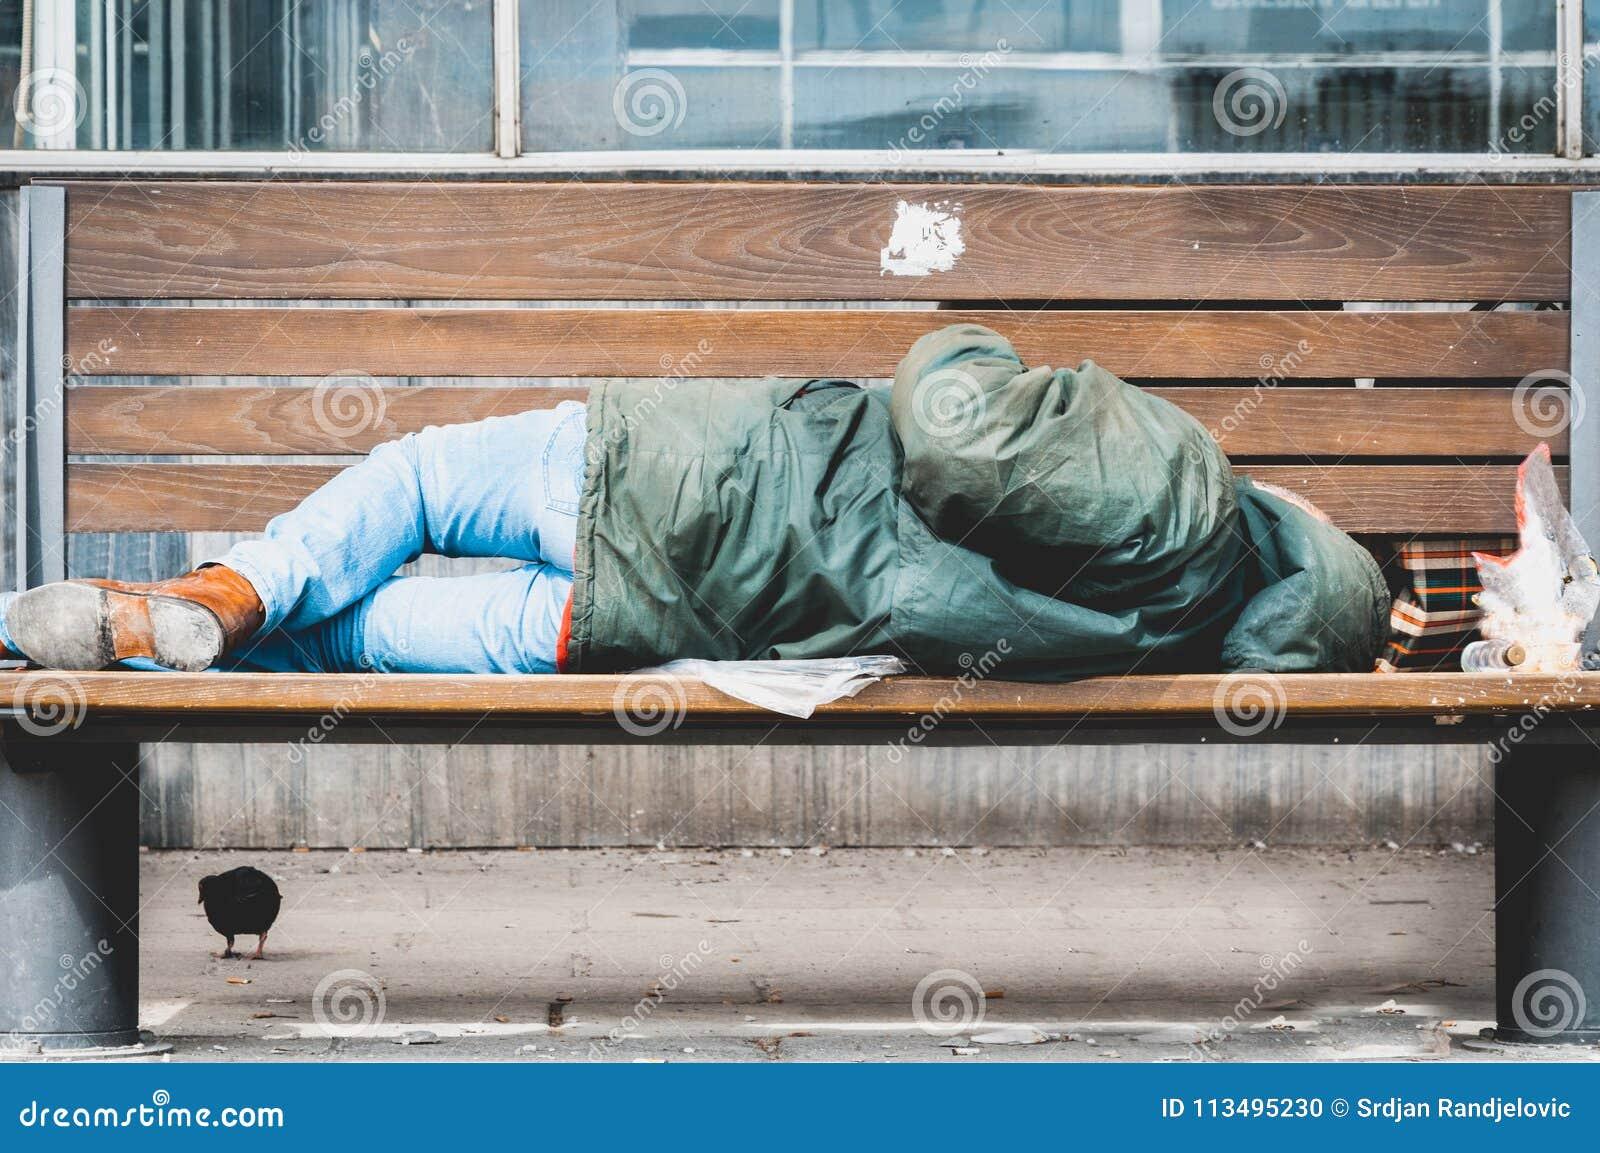 Hombre o refugiado sin hogar pobre que duerme en el banco de madera en la calle urbana en la ciudad, concepto documental social